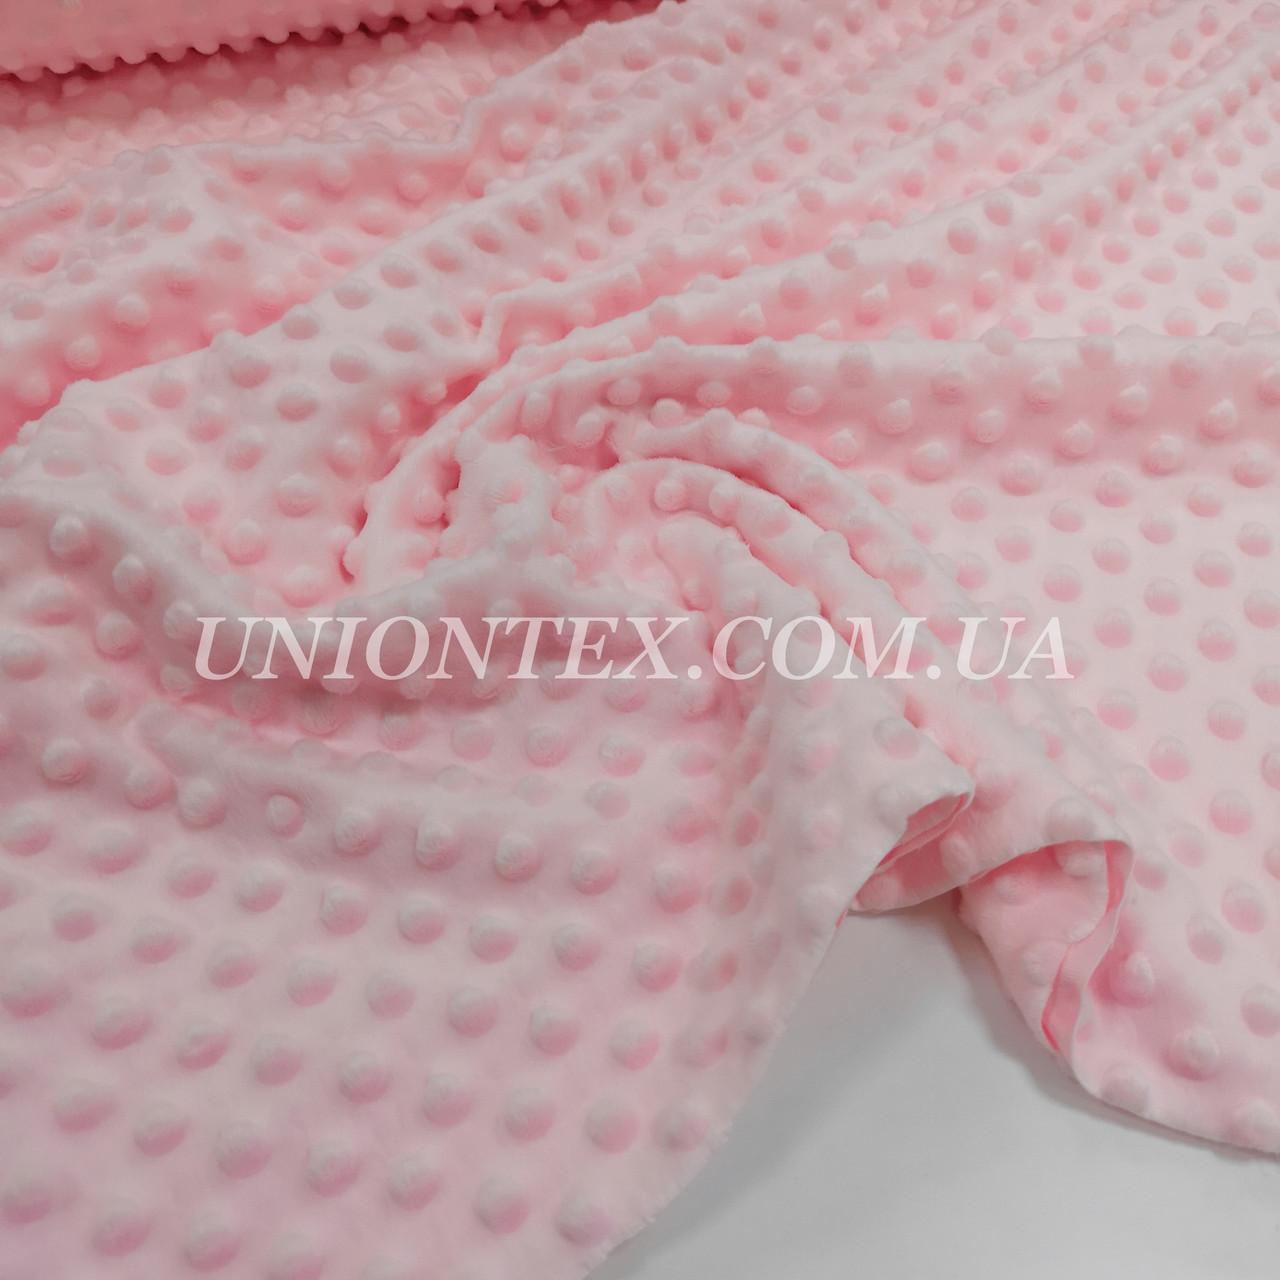 Ткань плюш Minky Dots пупырышки розовый